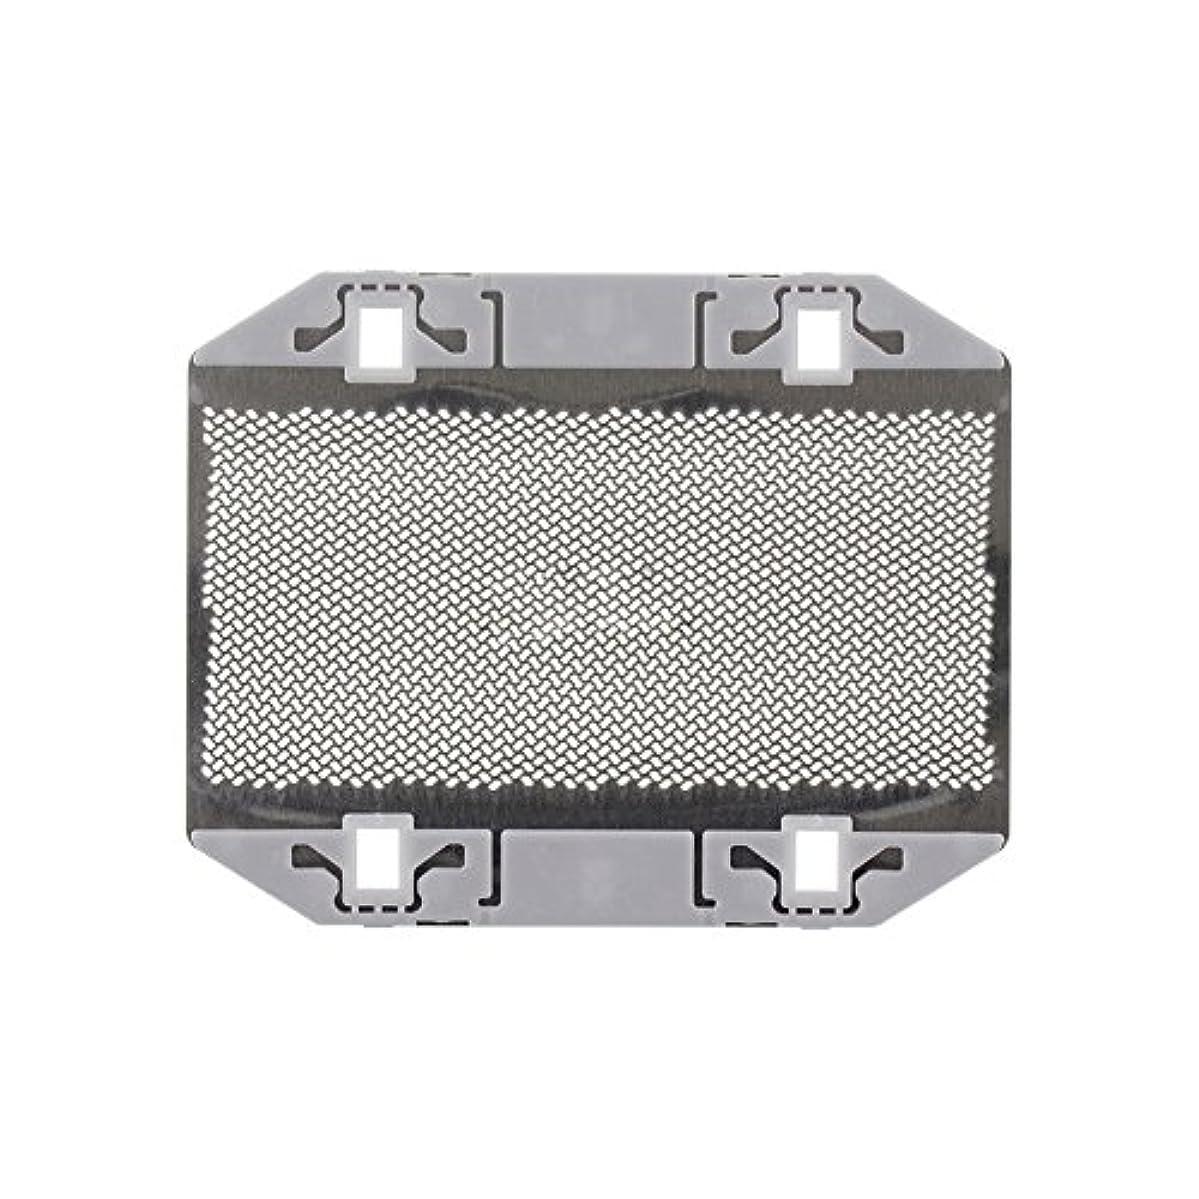 哲学的聖なる気難しいJuleyaing シェーバー用品 回転式シェーバー 部品 外刃 替刃 交代品 for Panasonic ES9943 ES3042 ES3801 ES3750 ES365 ES366